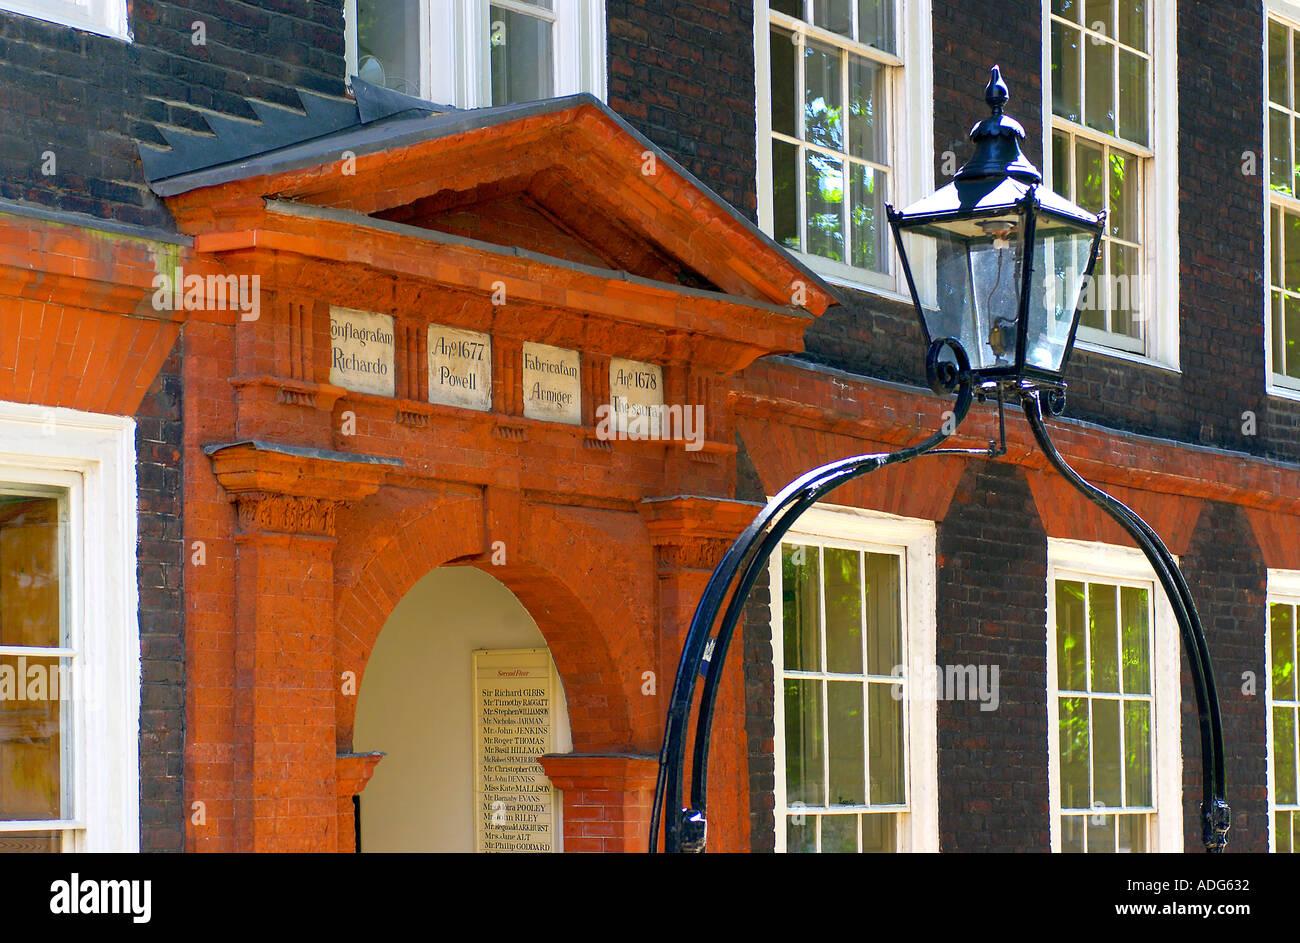 Kings Bench Walk Inns of Court London UK - Stock Image